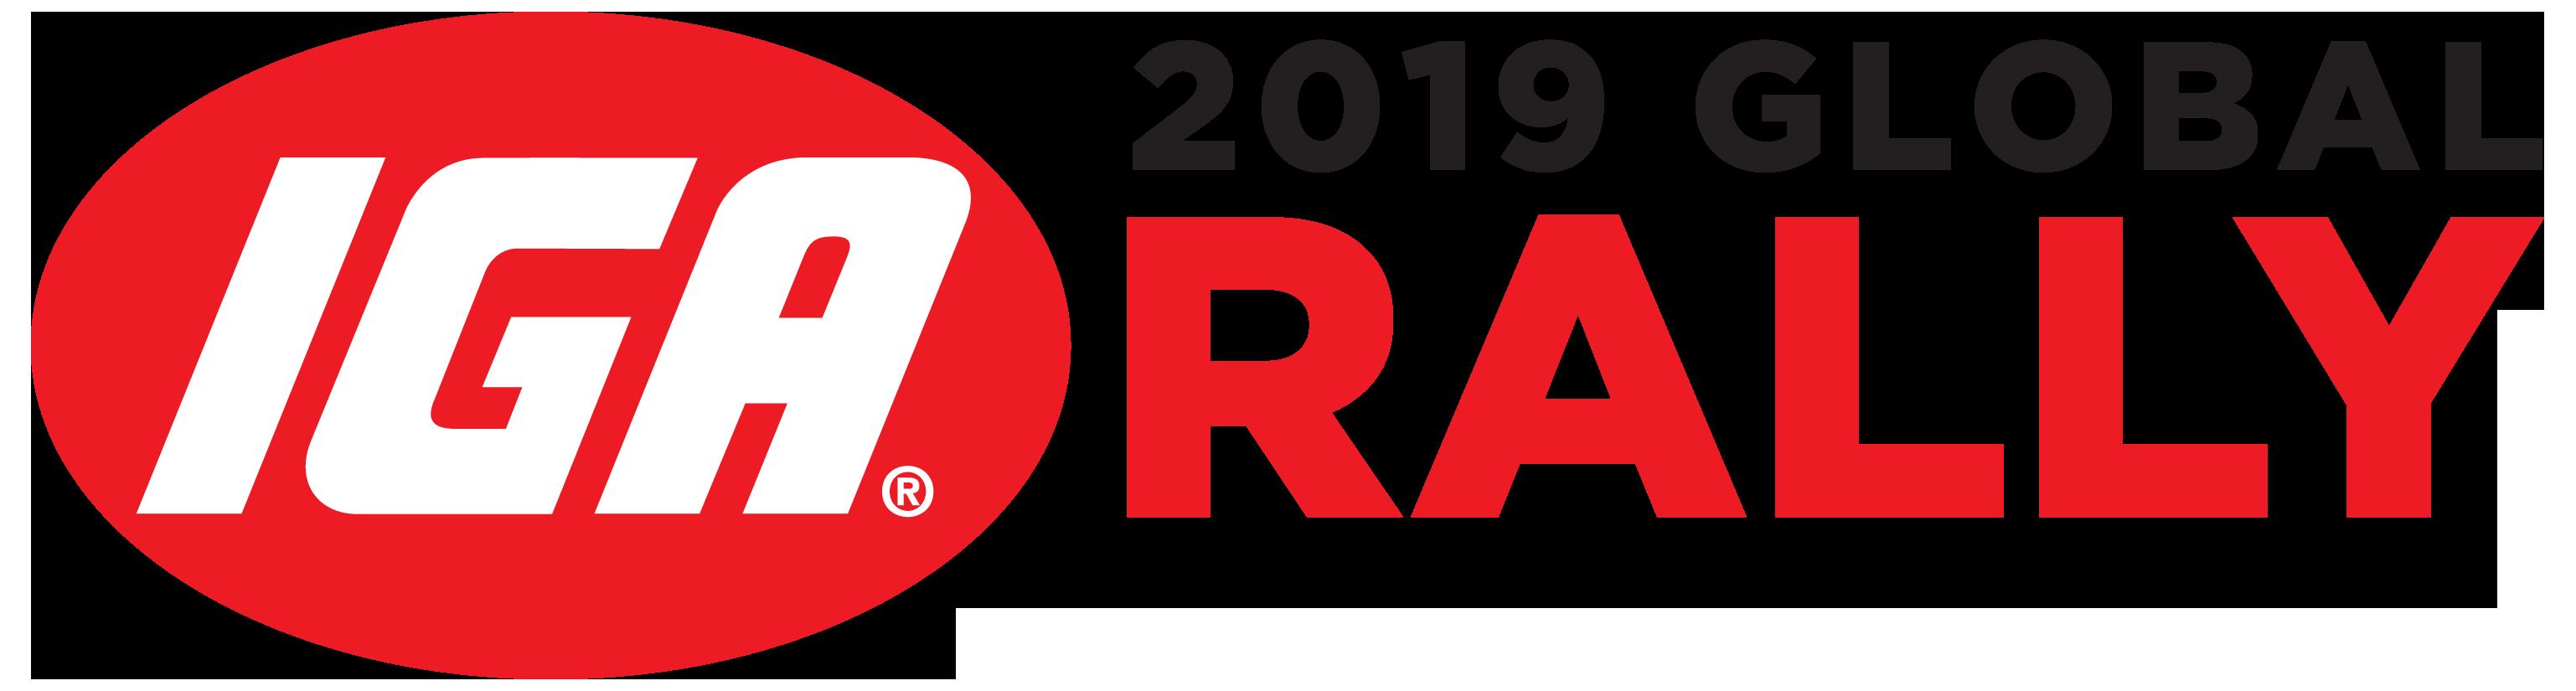 2019-IGA-Global-Rally-Logo